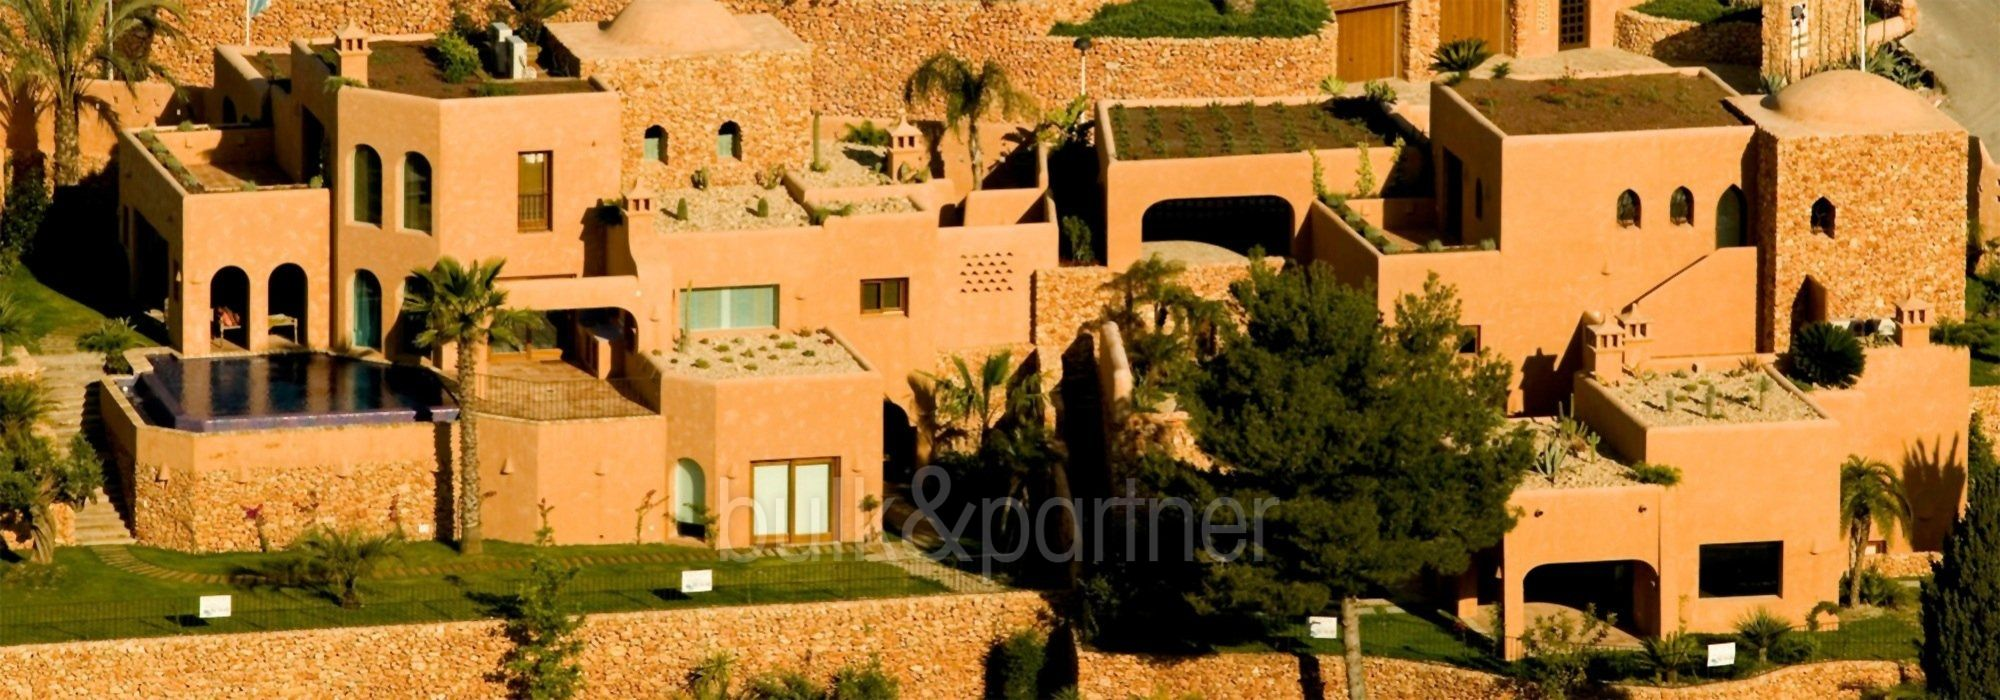 Modern Ibiza style villa in Moraira